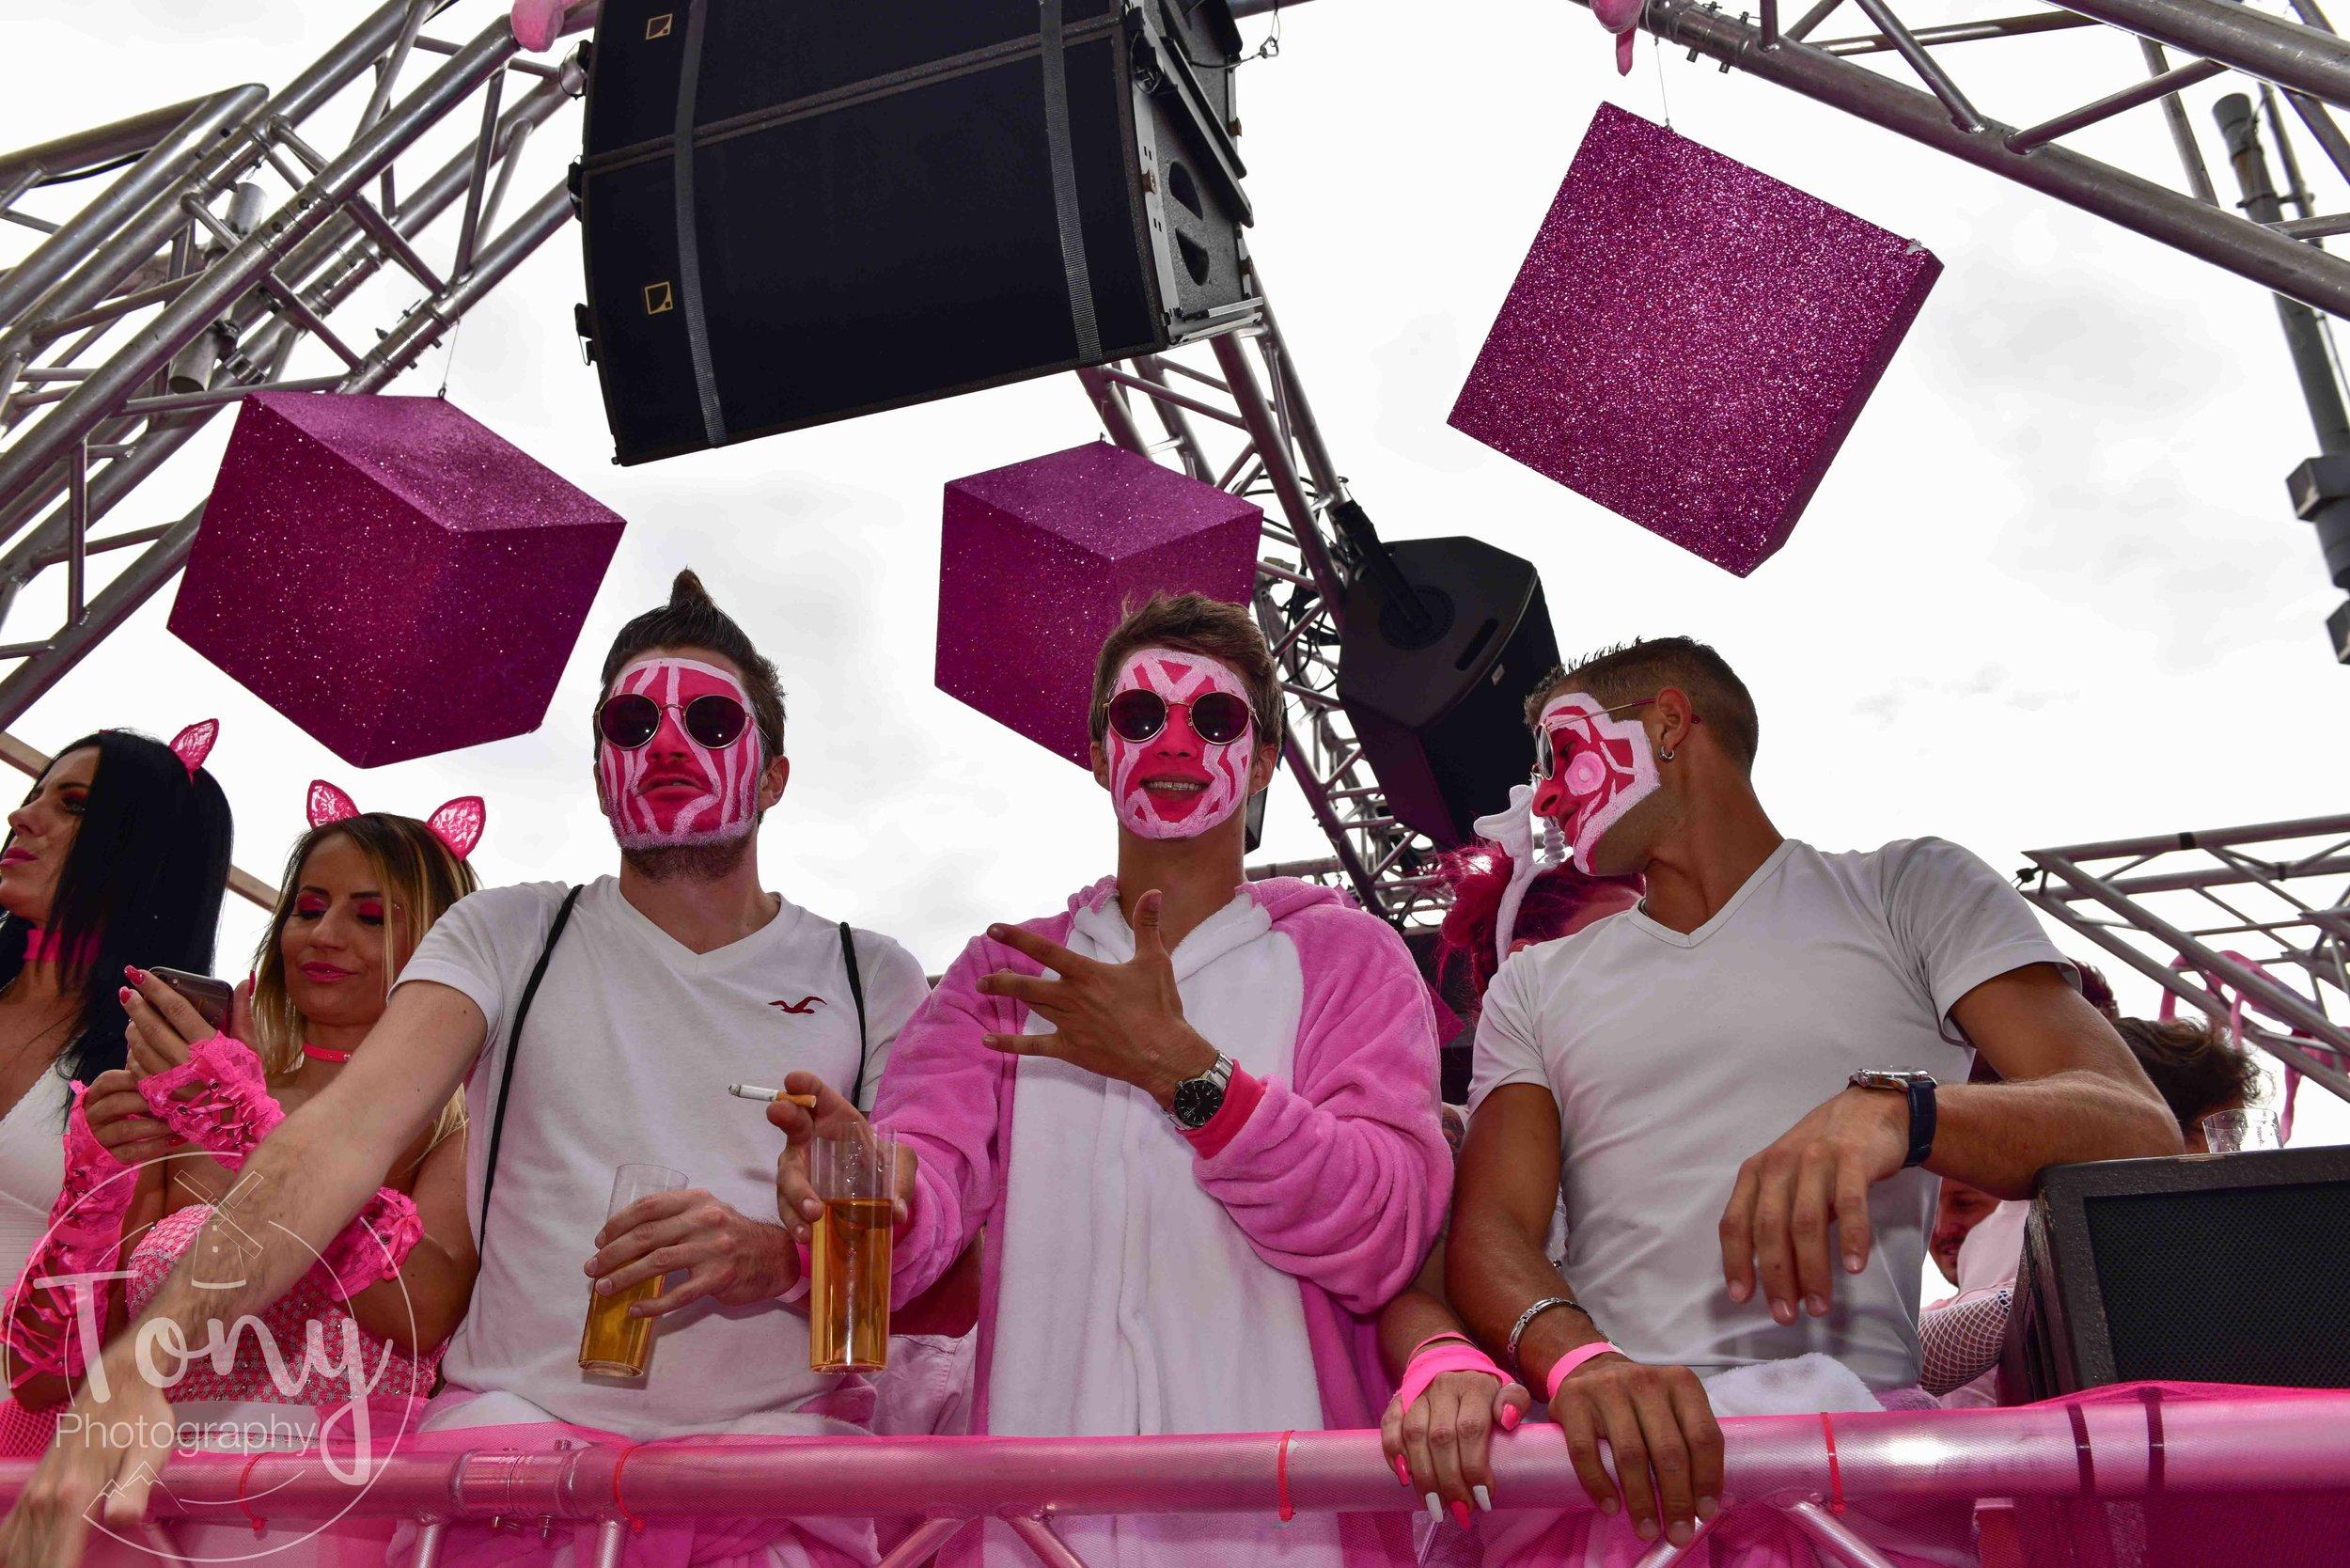 streetparade-145.jpg